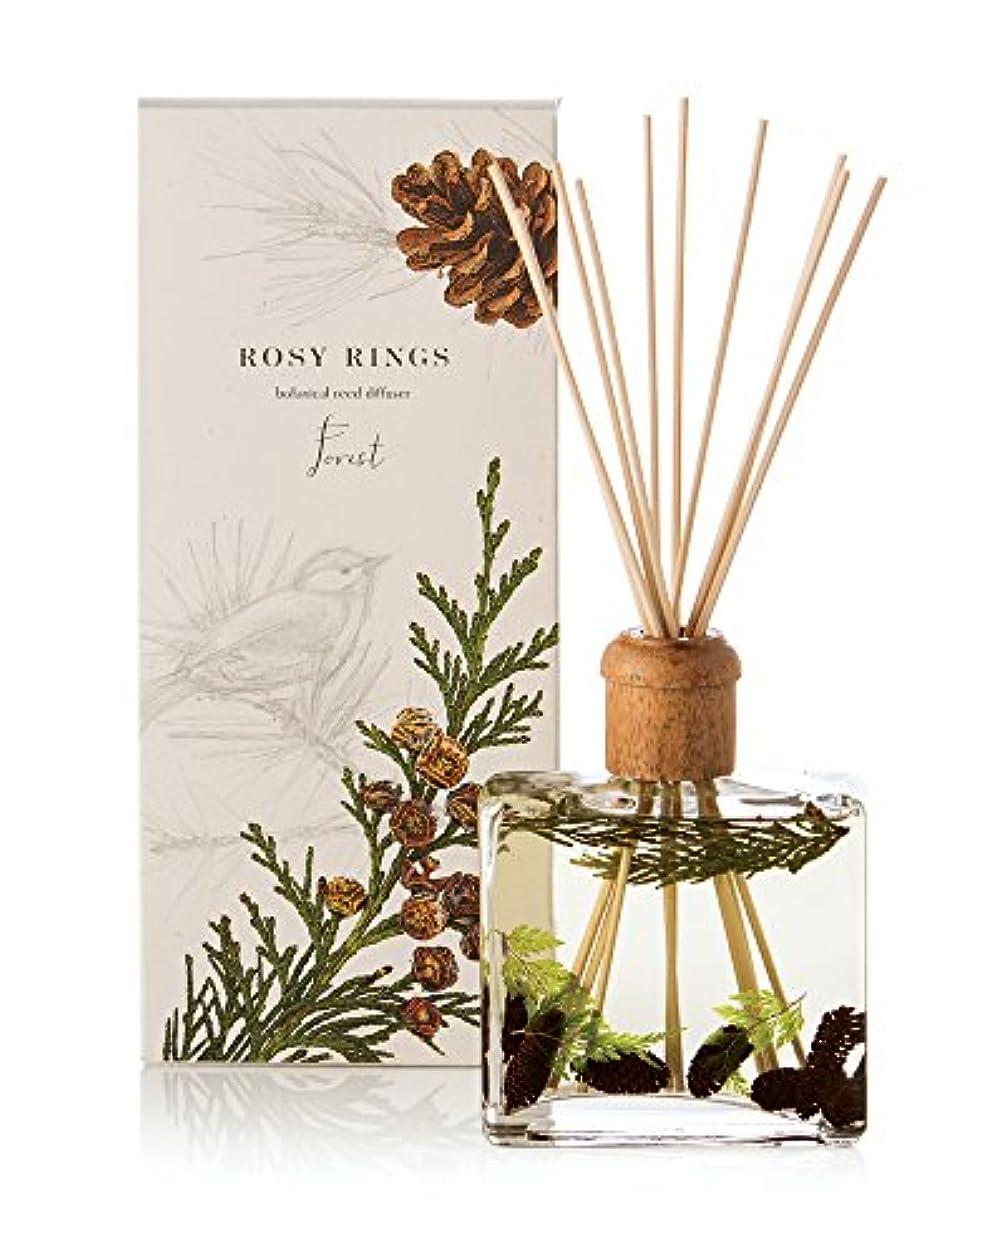 後世パワーセルフレアロージーリングス ボタニカルリードディフューザー フォレスト ROSY RINGS Signature Collection Botanical Reed Diffuser – Forest